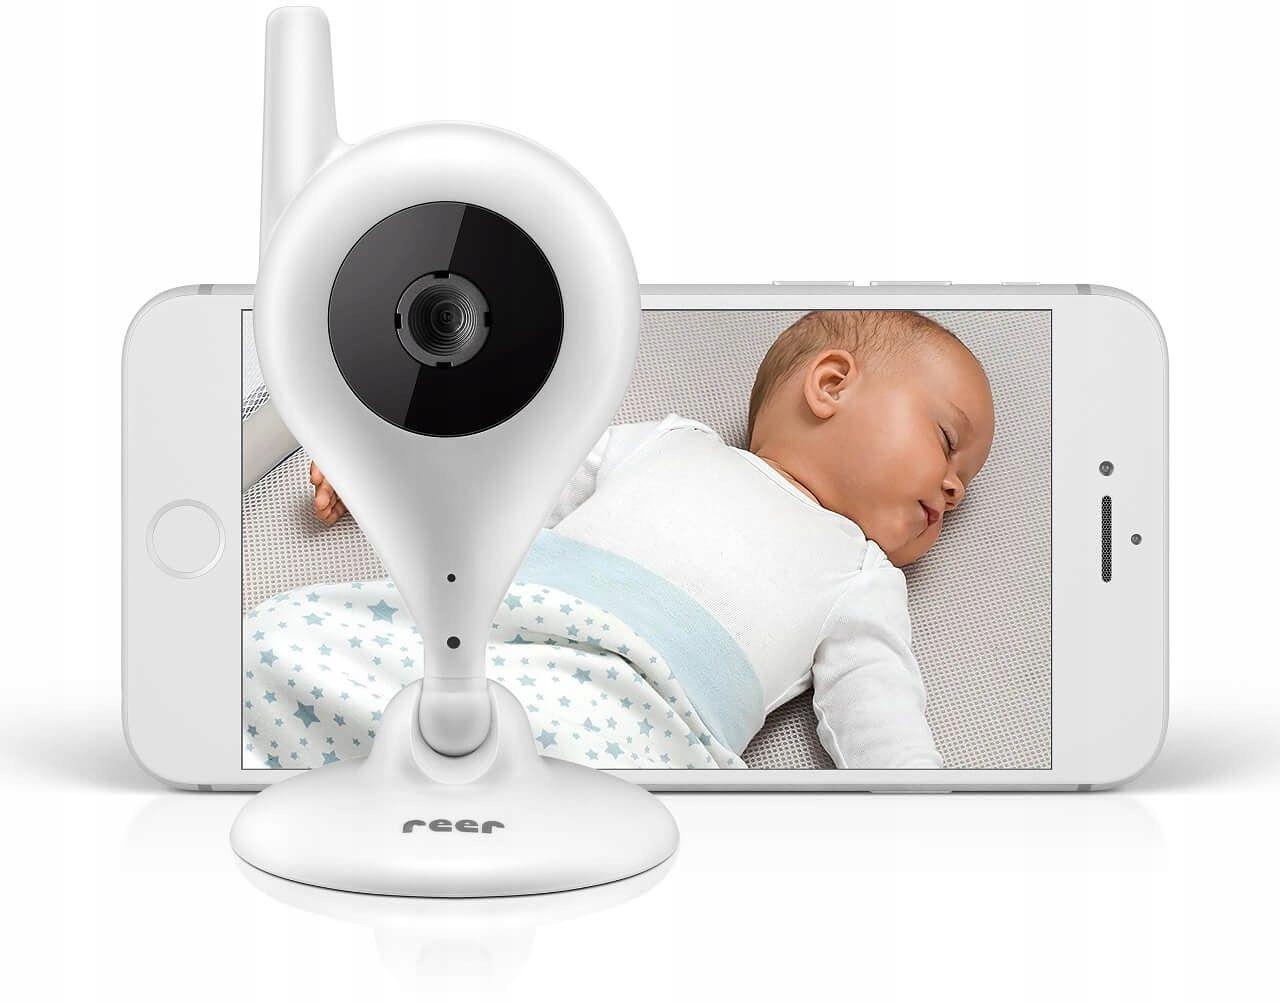 Niania Elektroniczna Kamera Wi-fi Ip Babycam Reer